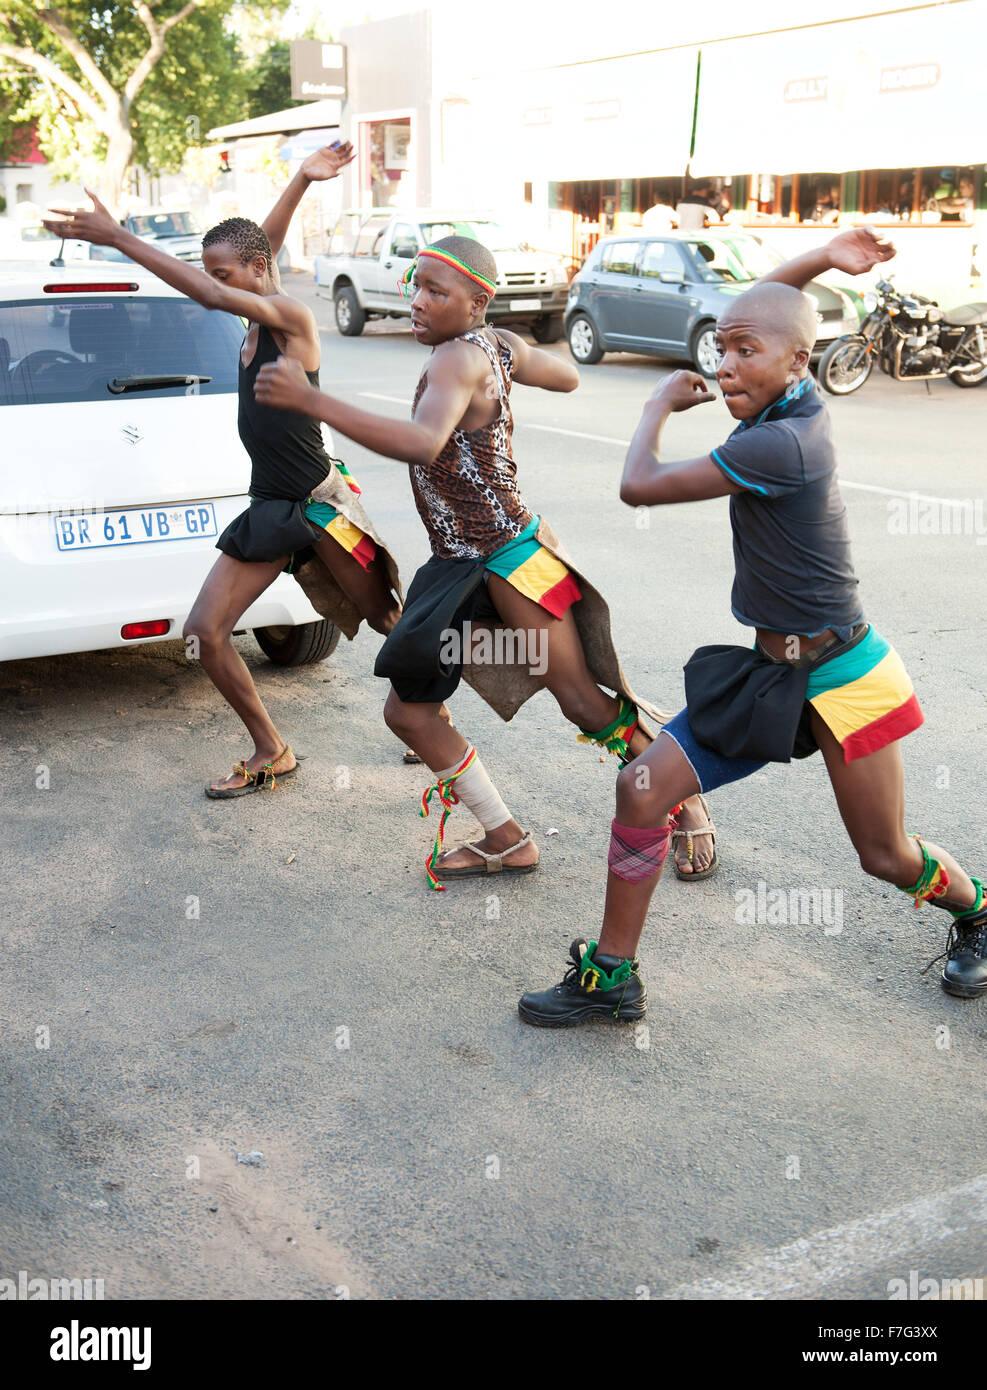 Les spectacles de danse zoulou dans le quartier de Pankhurst Johannesburg, Afrique du Sud. Photo Stock